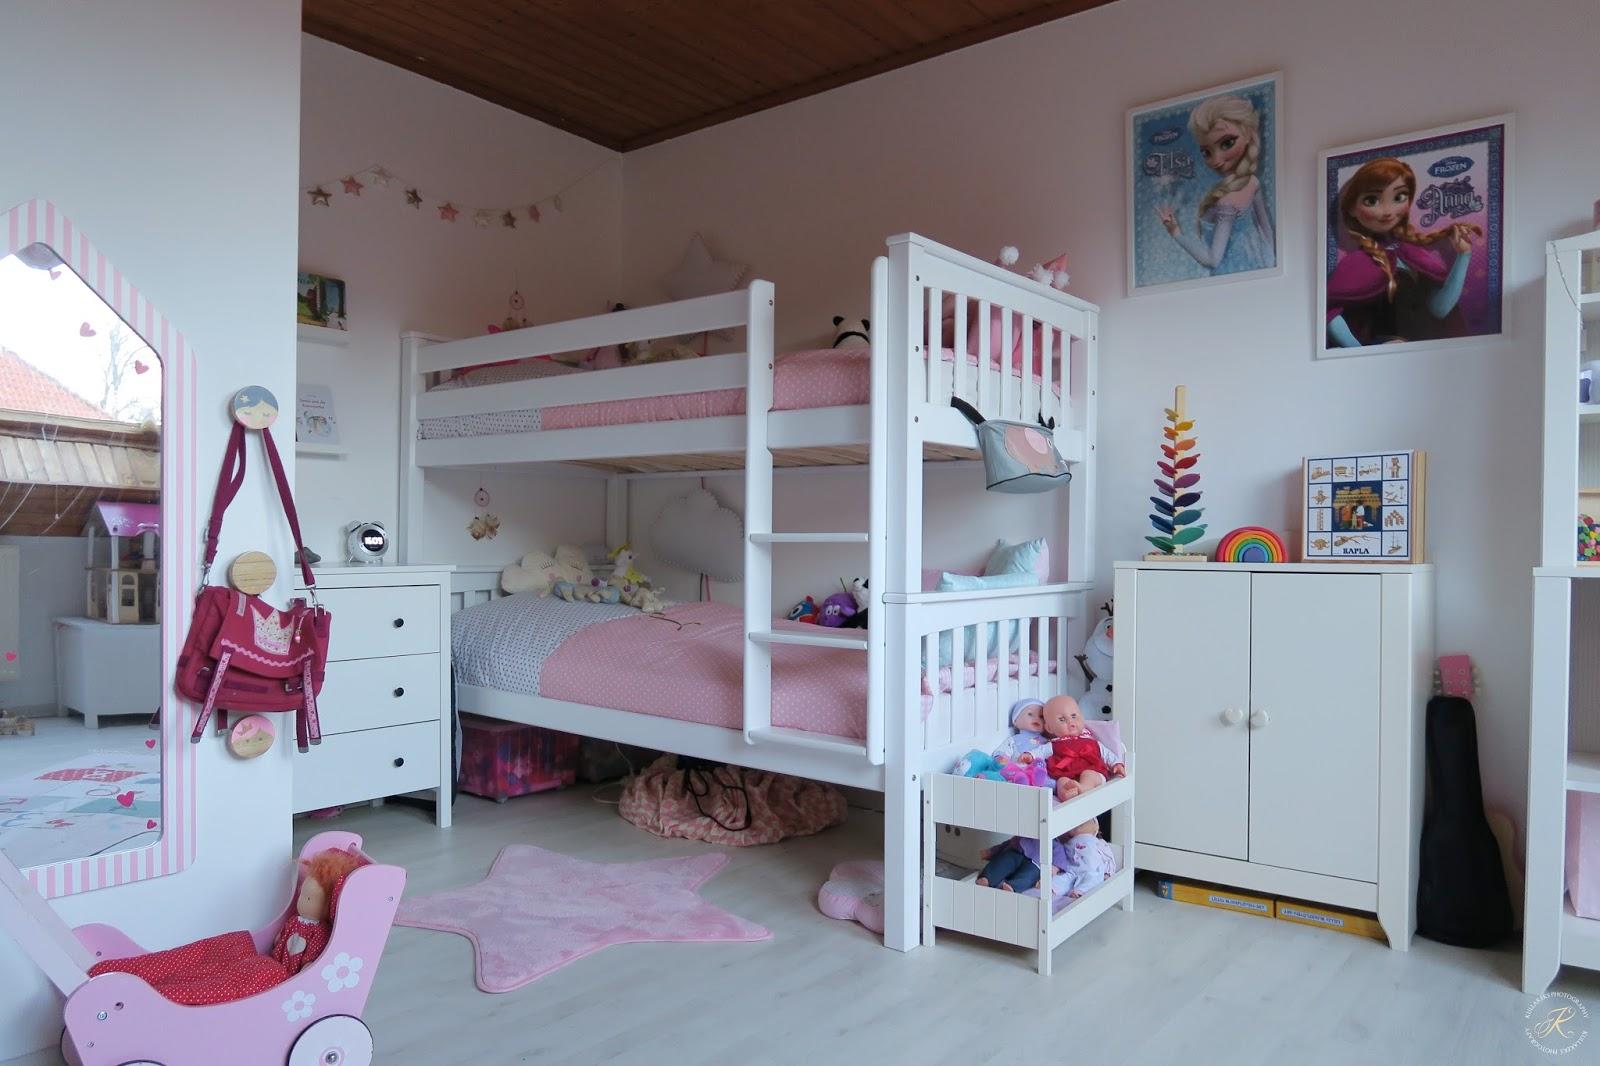 Etagenbett Für Zwei Kinder : Schreibtisch fur kinder etagenbett mit rutsche für zwei u yct